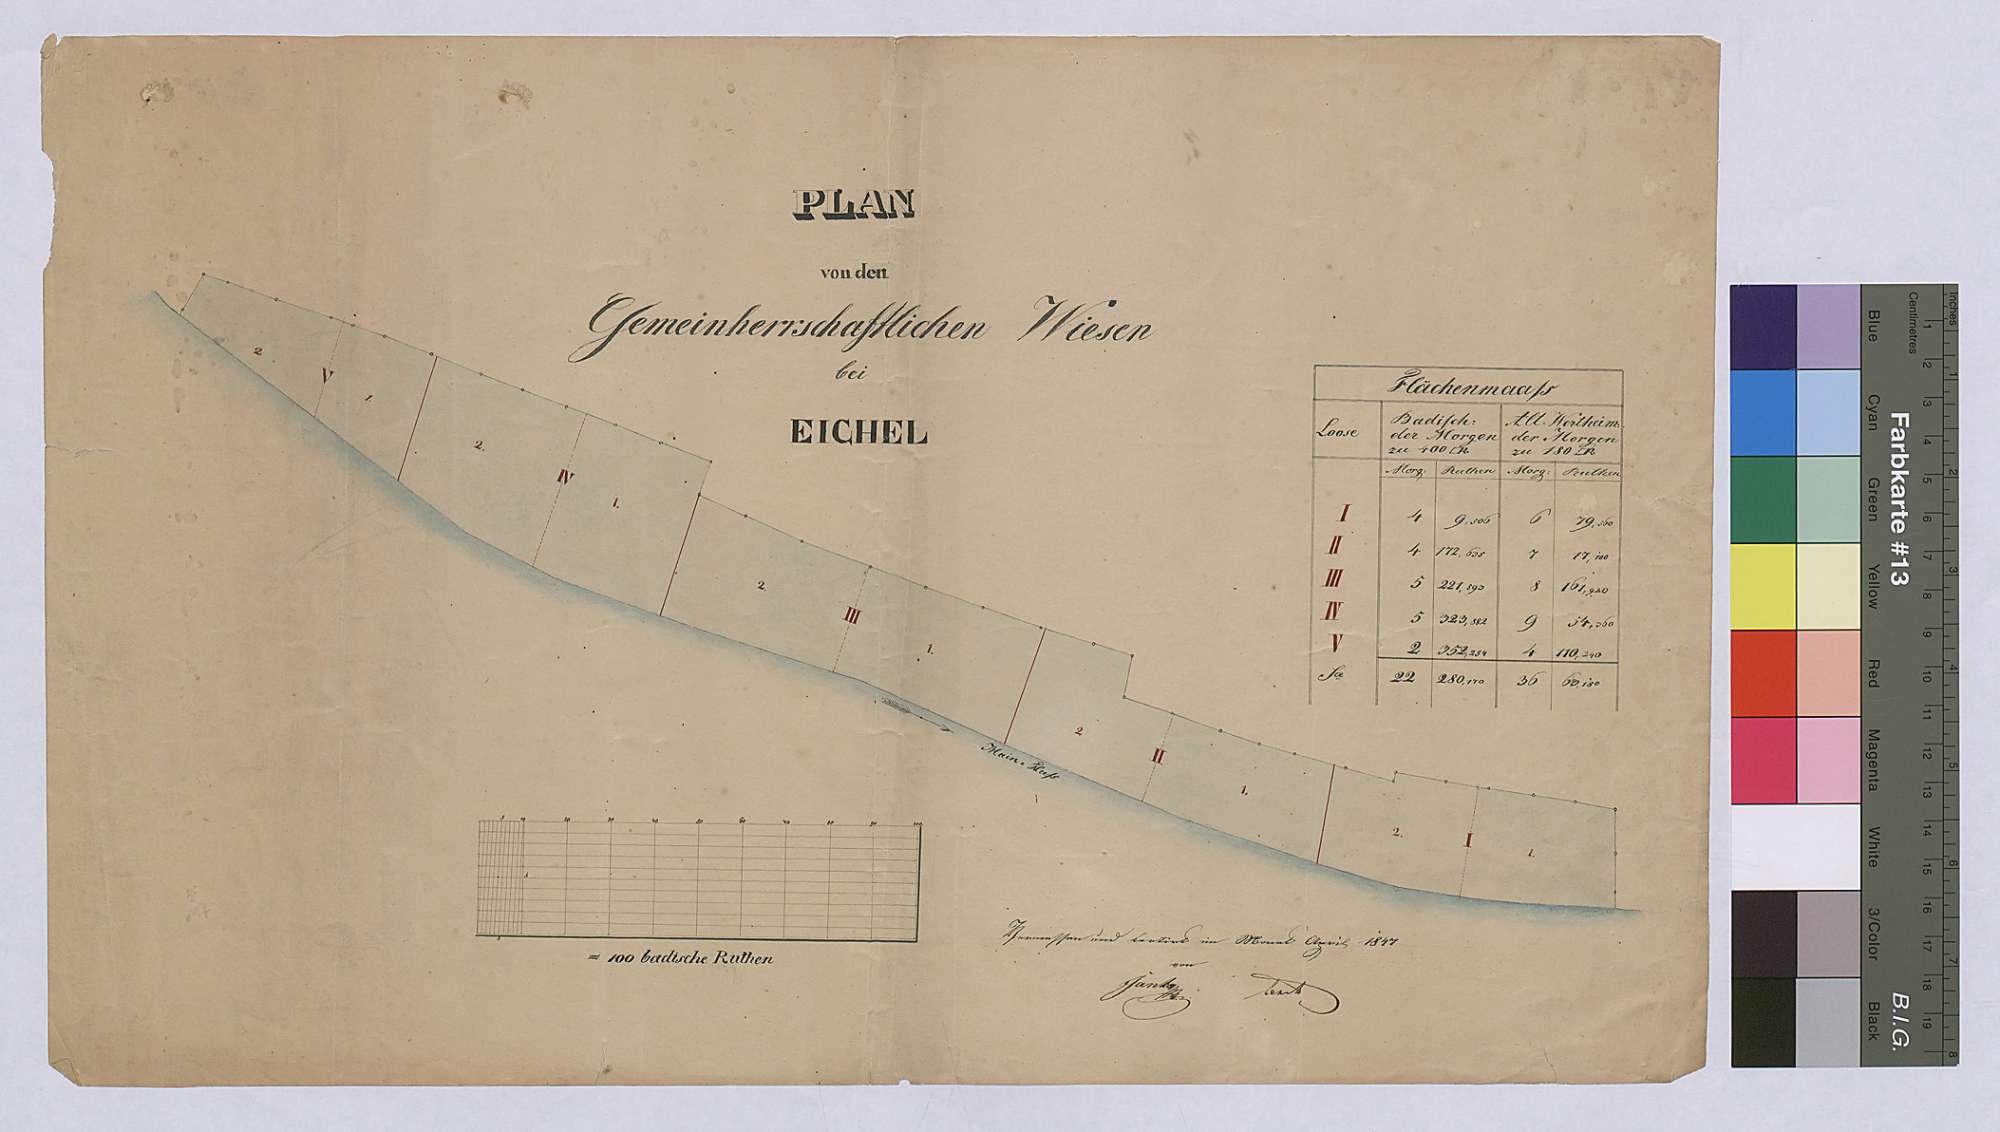 Gemeinherrschaftliche Wiesen bei Eichel (Inselkarte), Bild 1